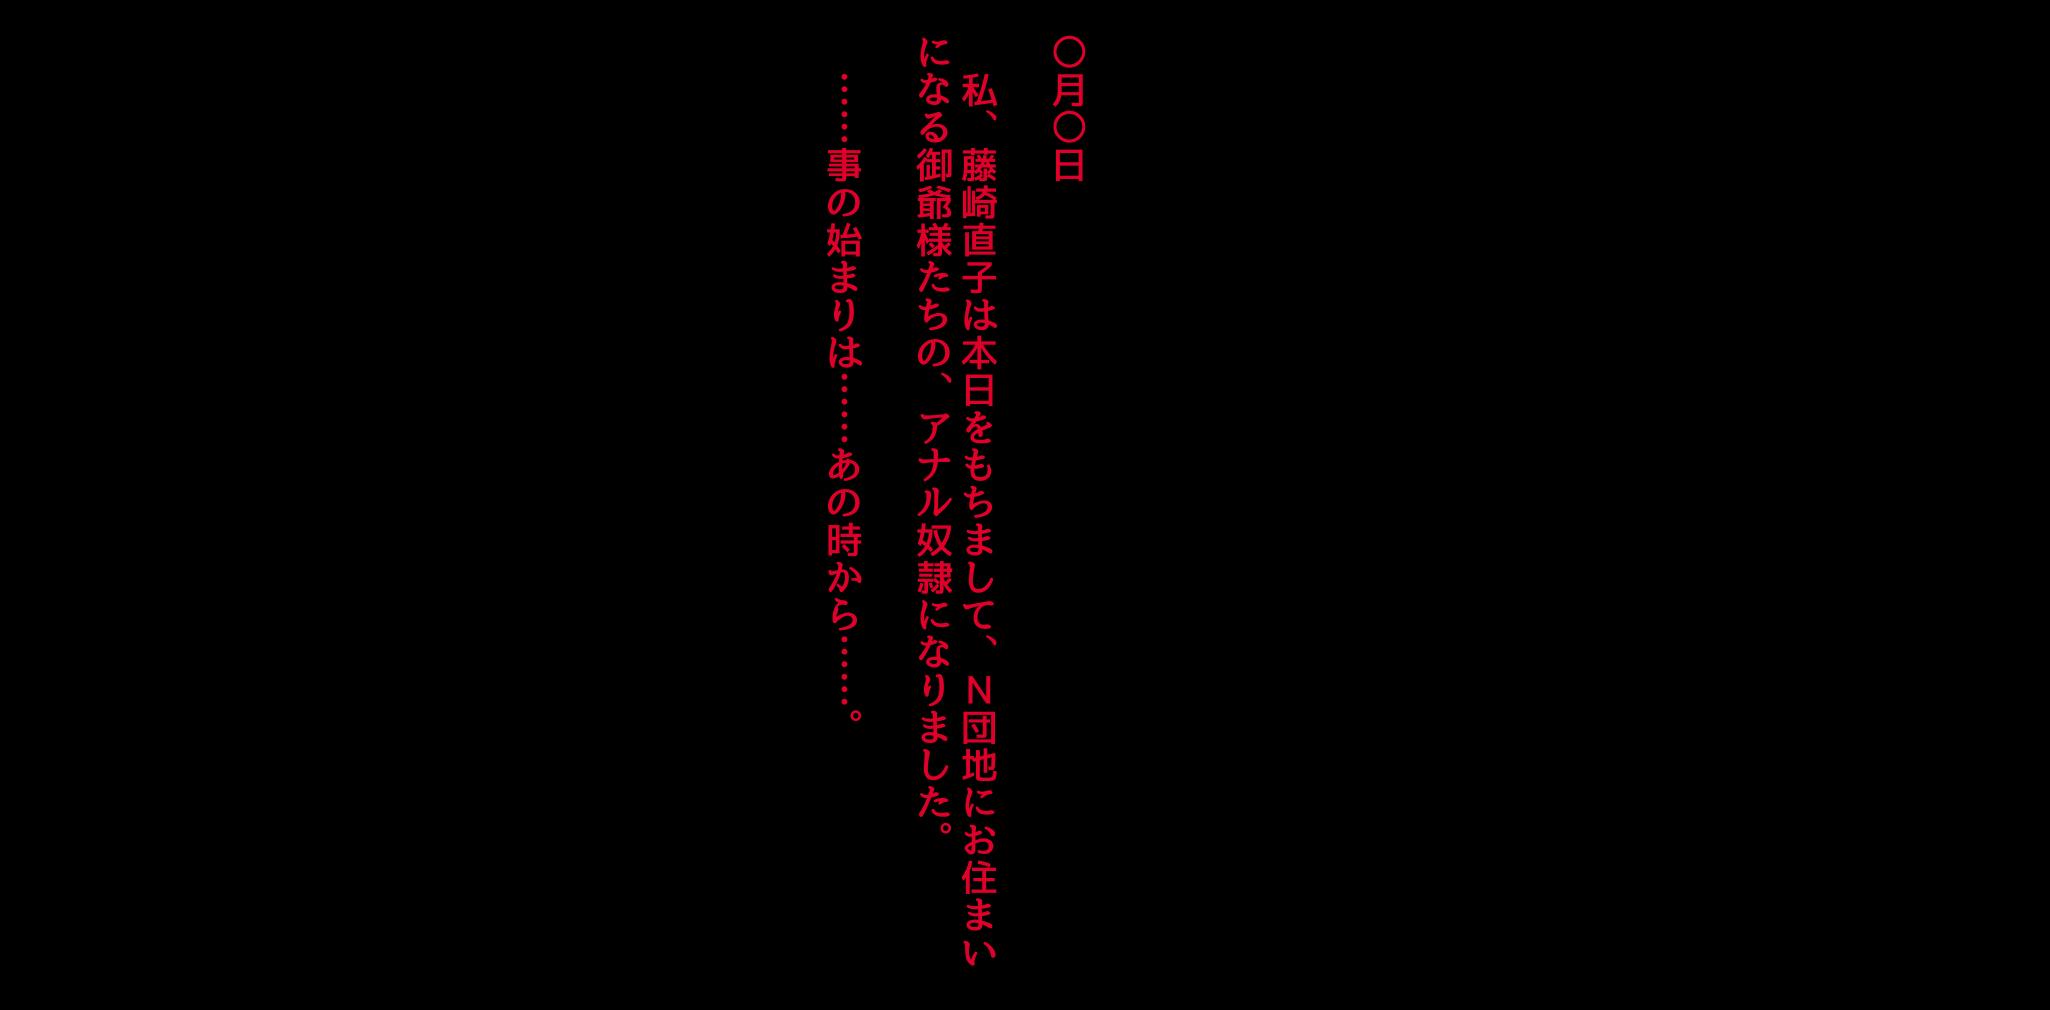 団地妻と年金暮らしの爺さんたち~アナル調教日誌~【体験版】